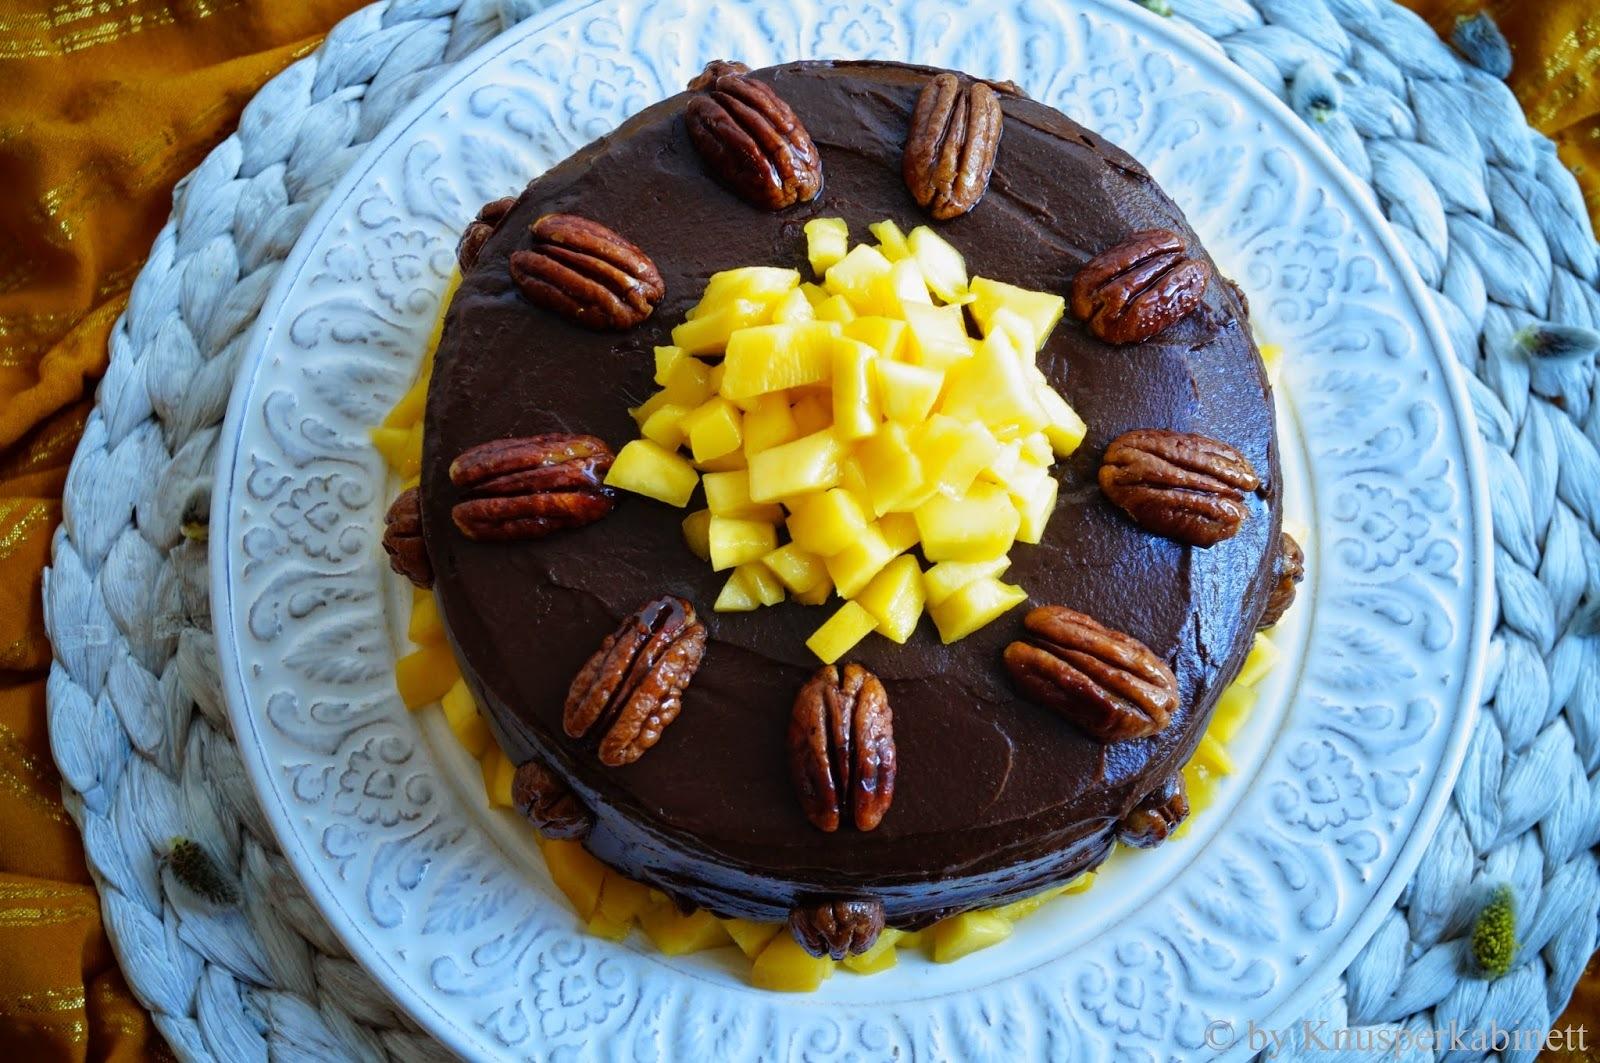 Superfood Schokoladen-Pekannuss-Torte mit Mango-Cashew-Crème